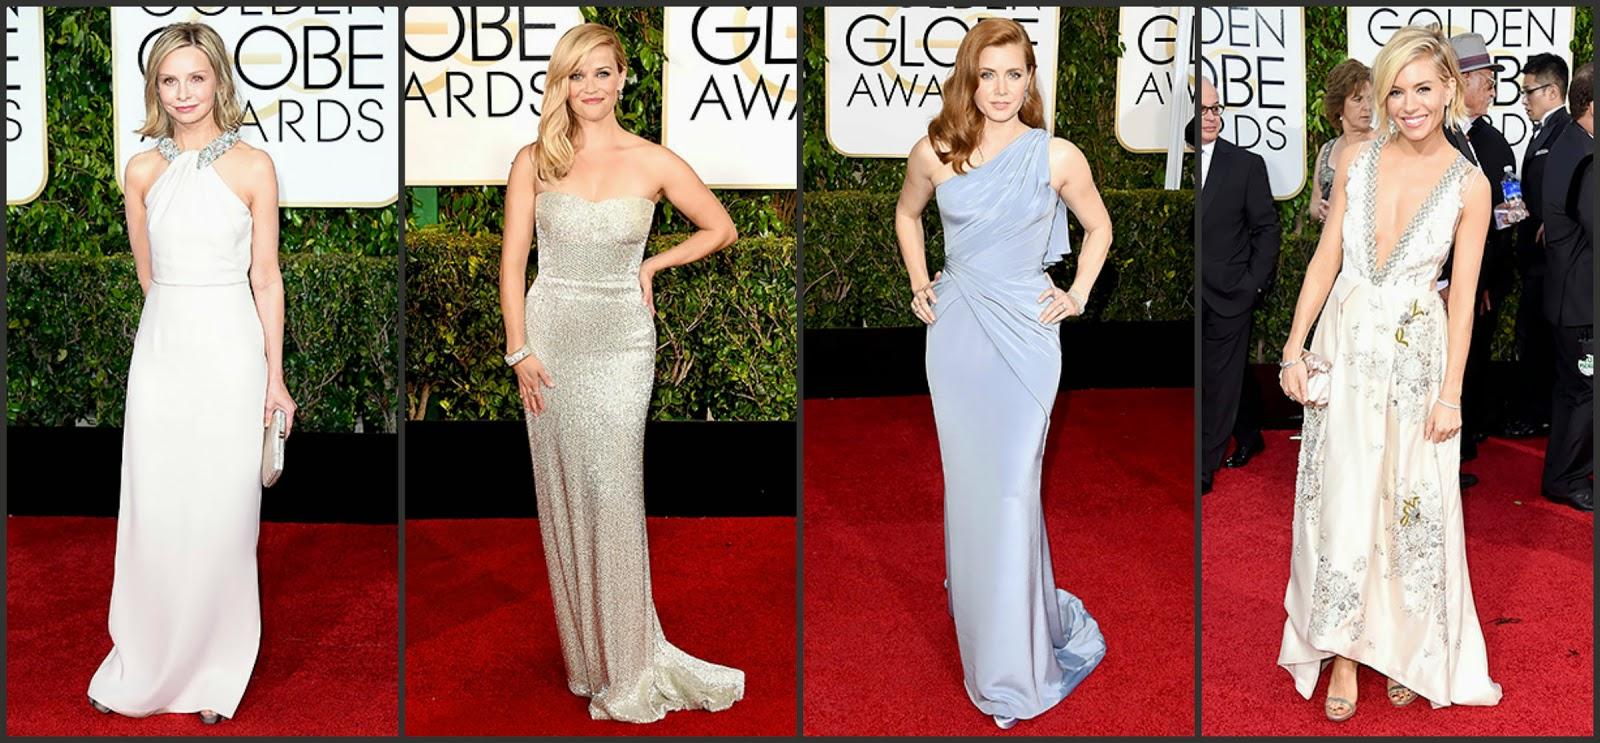 http://3.bp.blogspot.com/-HbEhycn8ZGI/VLNP9VPNCkI/AAAAAAAAk58/xML0yfSe6ww/s1600/Golden-Globes-2015-Calista-Flockhart-Reese-Witherspoon-Amy-Adams-Sienna-Miller.jpg